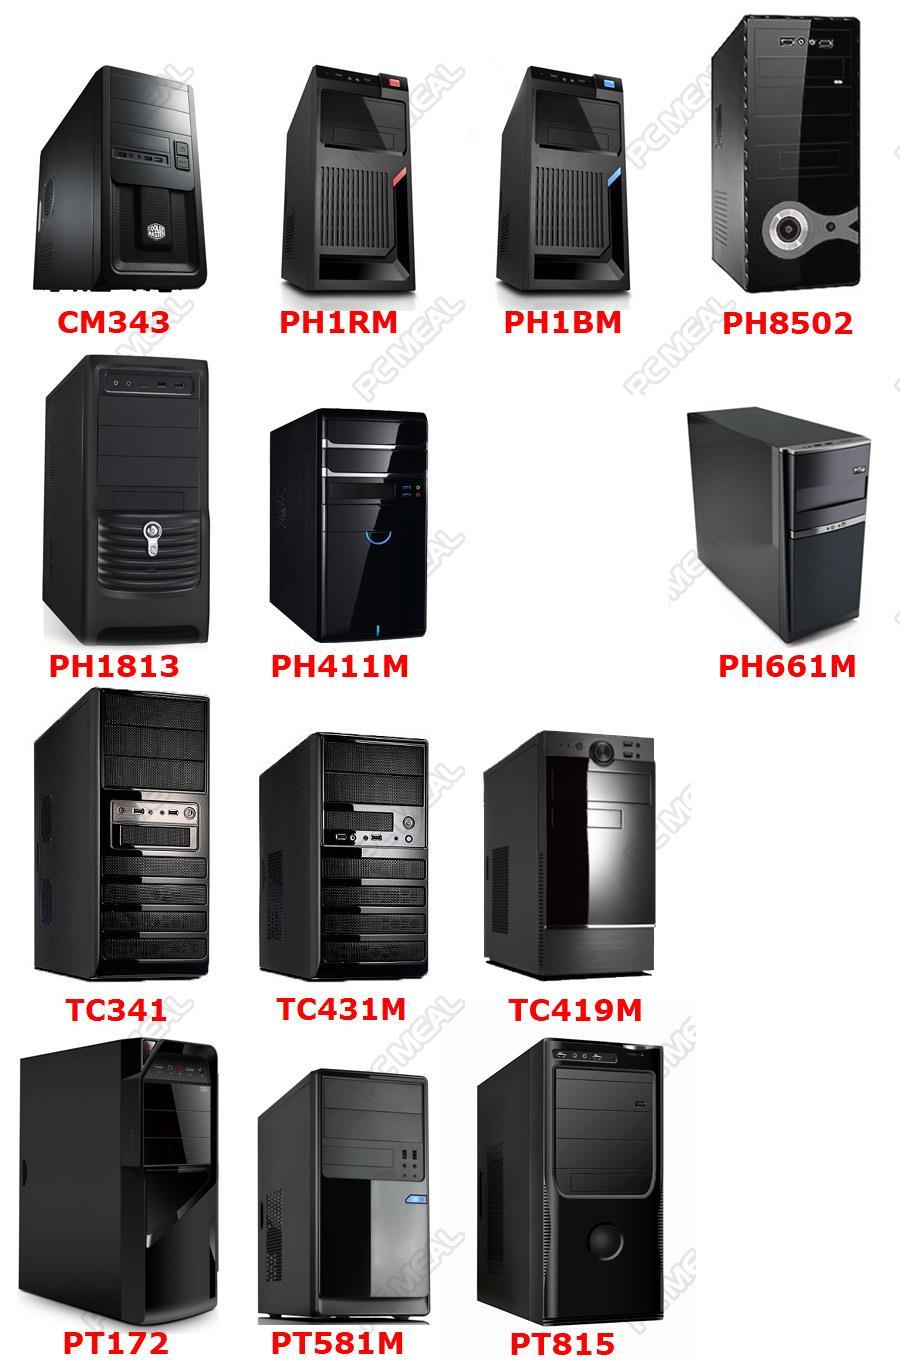 http://www.pcmeal.com/ebay/ComputerSystem/WideTECH/1007221829383091CS503_302.jpg